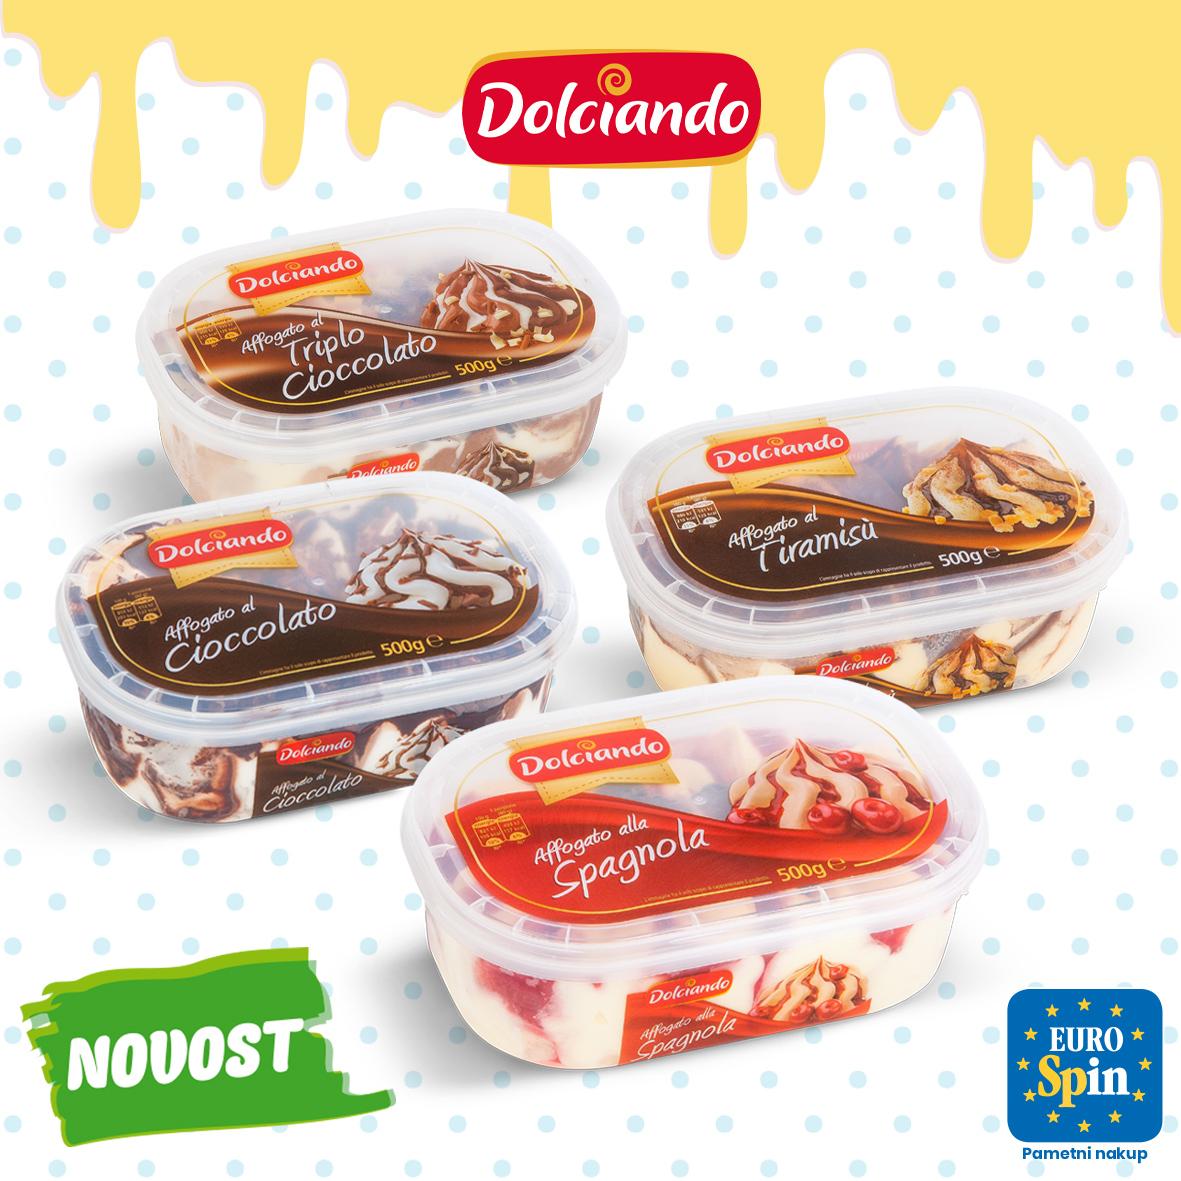 Sladoled v banjici s prelivom, DOLCIANDO, 500 g